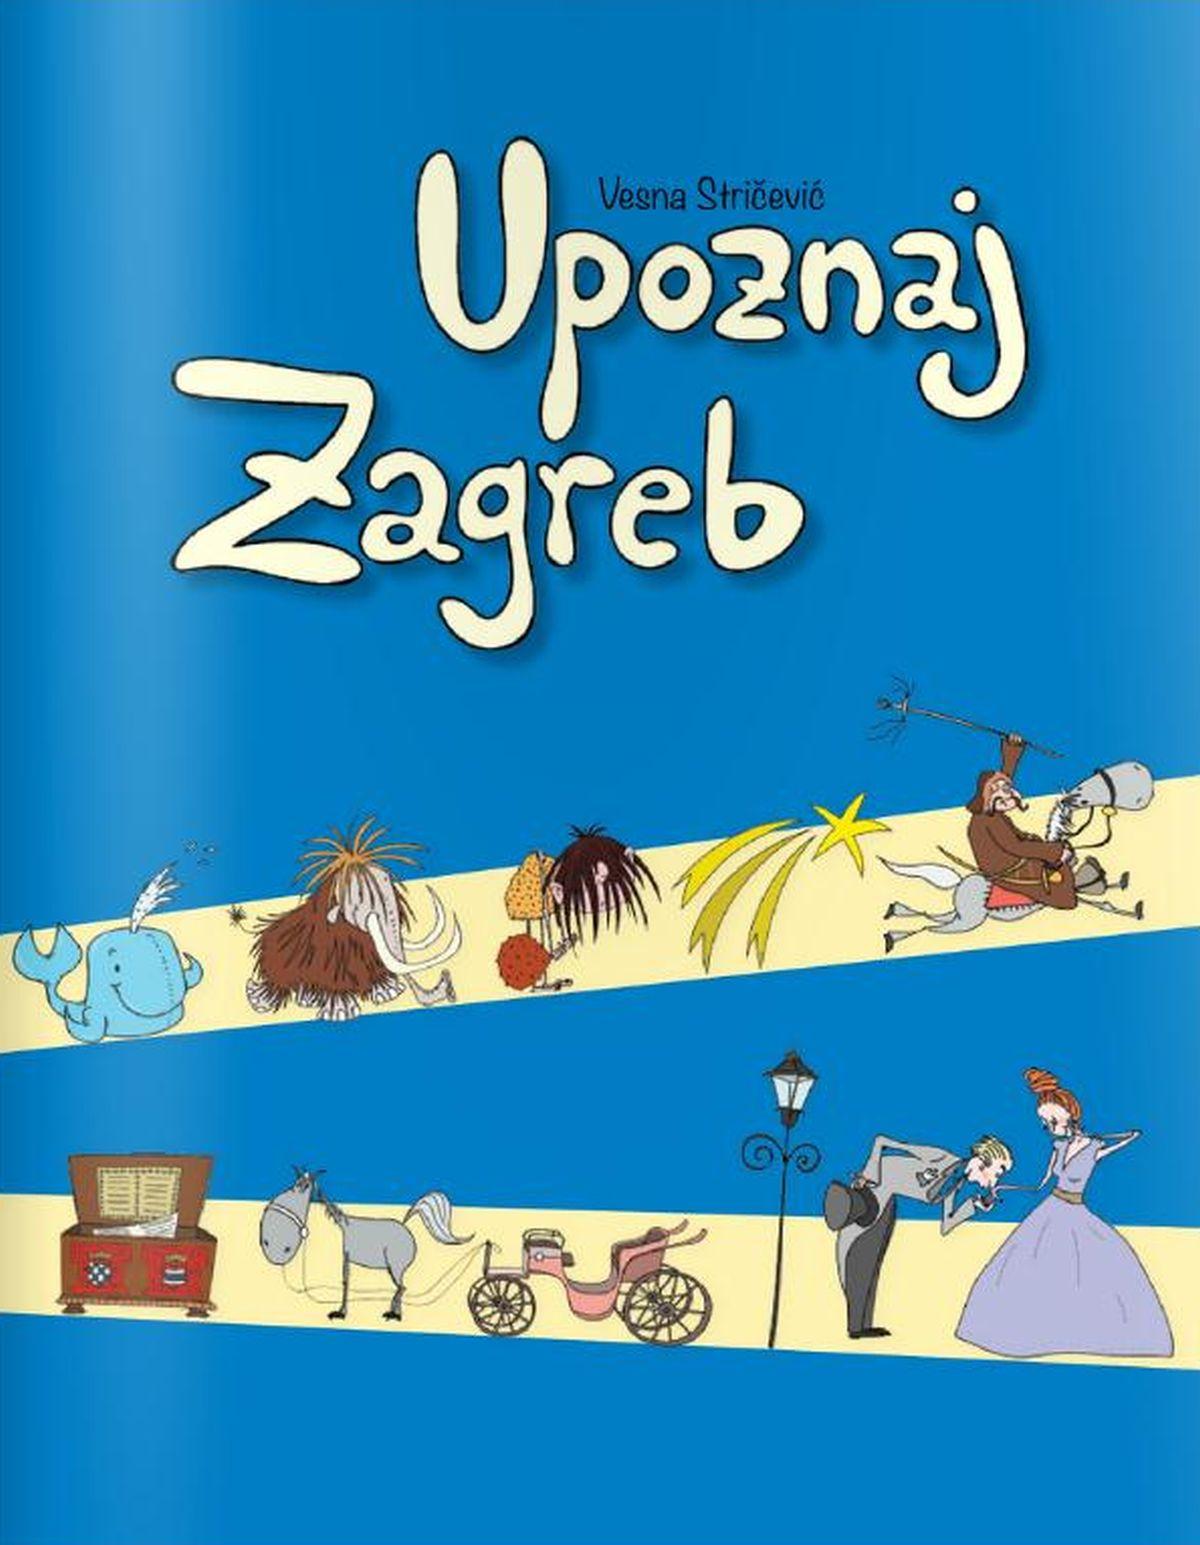 """Predstavljena knjiga """"Upoznaj Zagreb"""" Vesne Stričević"""